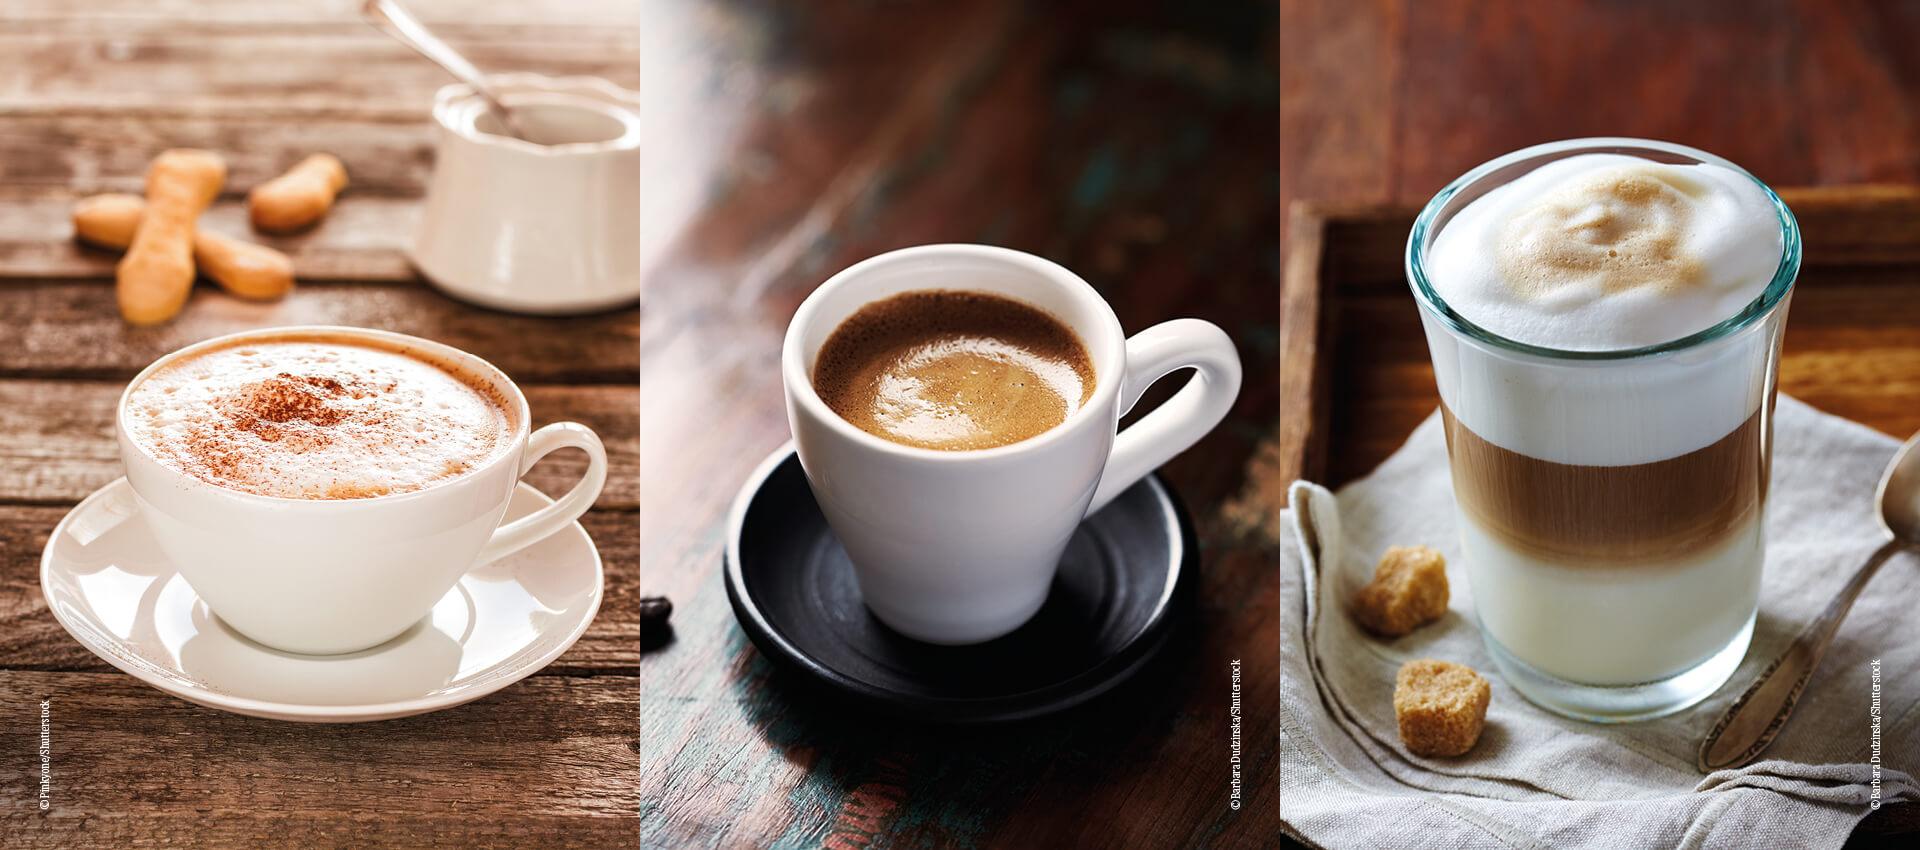 Kaffee_Zubereitungsarten